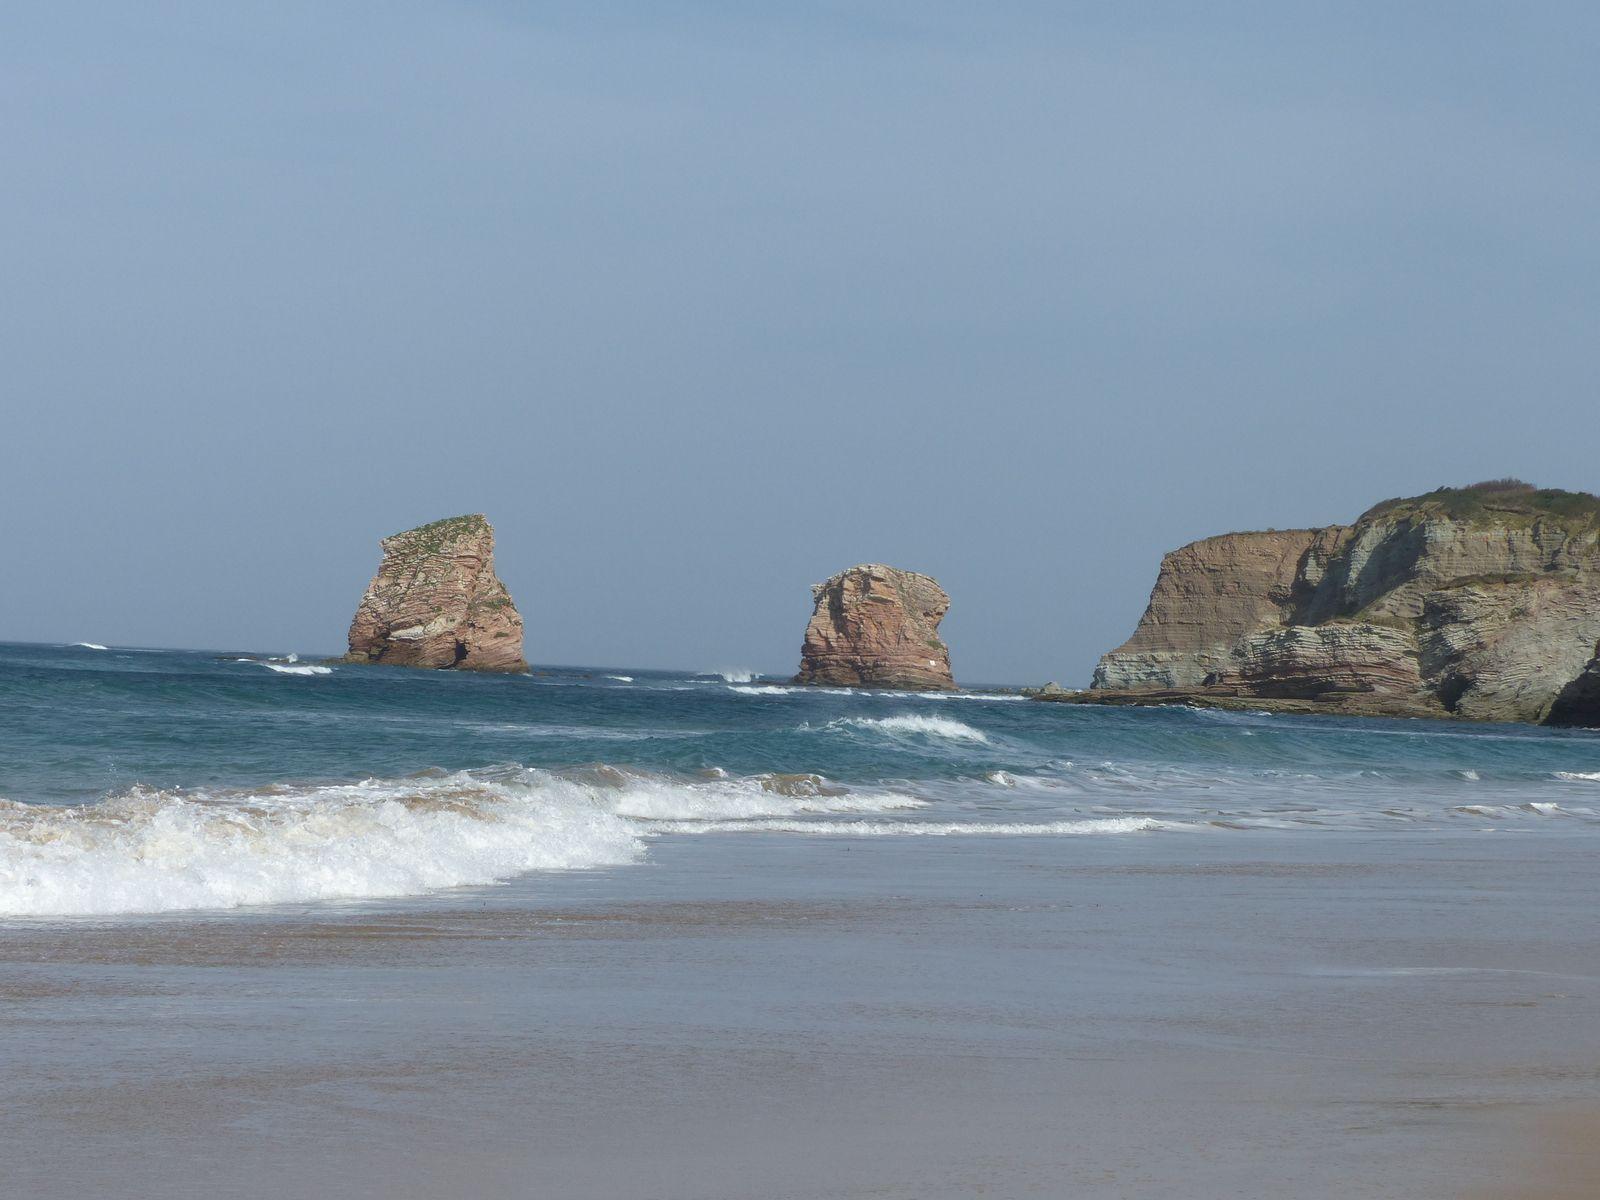 Les 2 Jumeaux et les falaises de loin de près, le Cap du Figuier et au delà le Jaïzkibel espagnol.